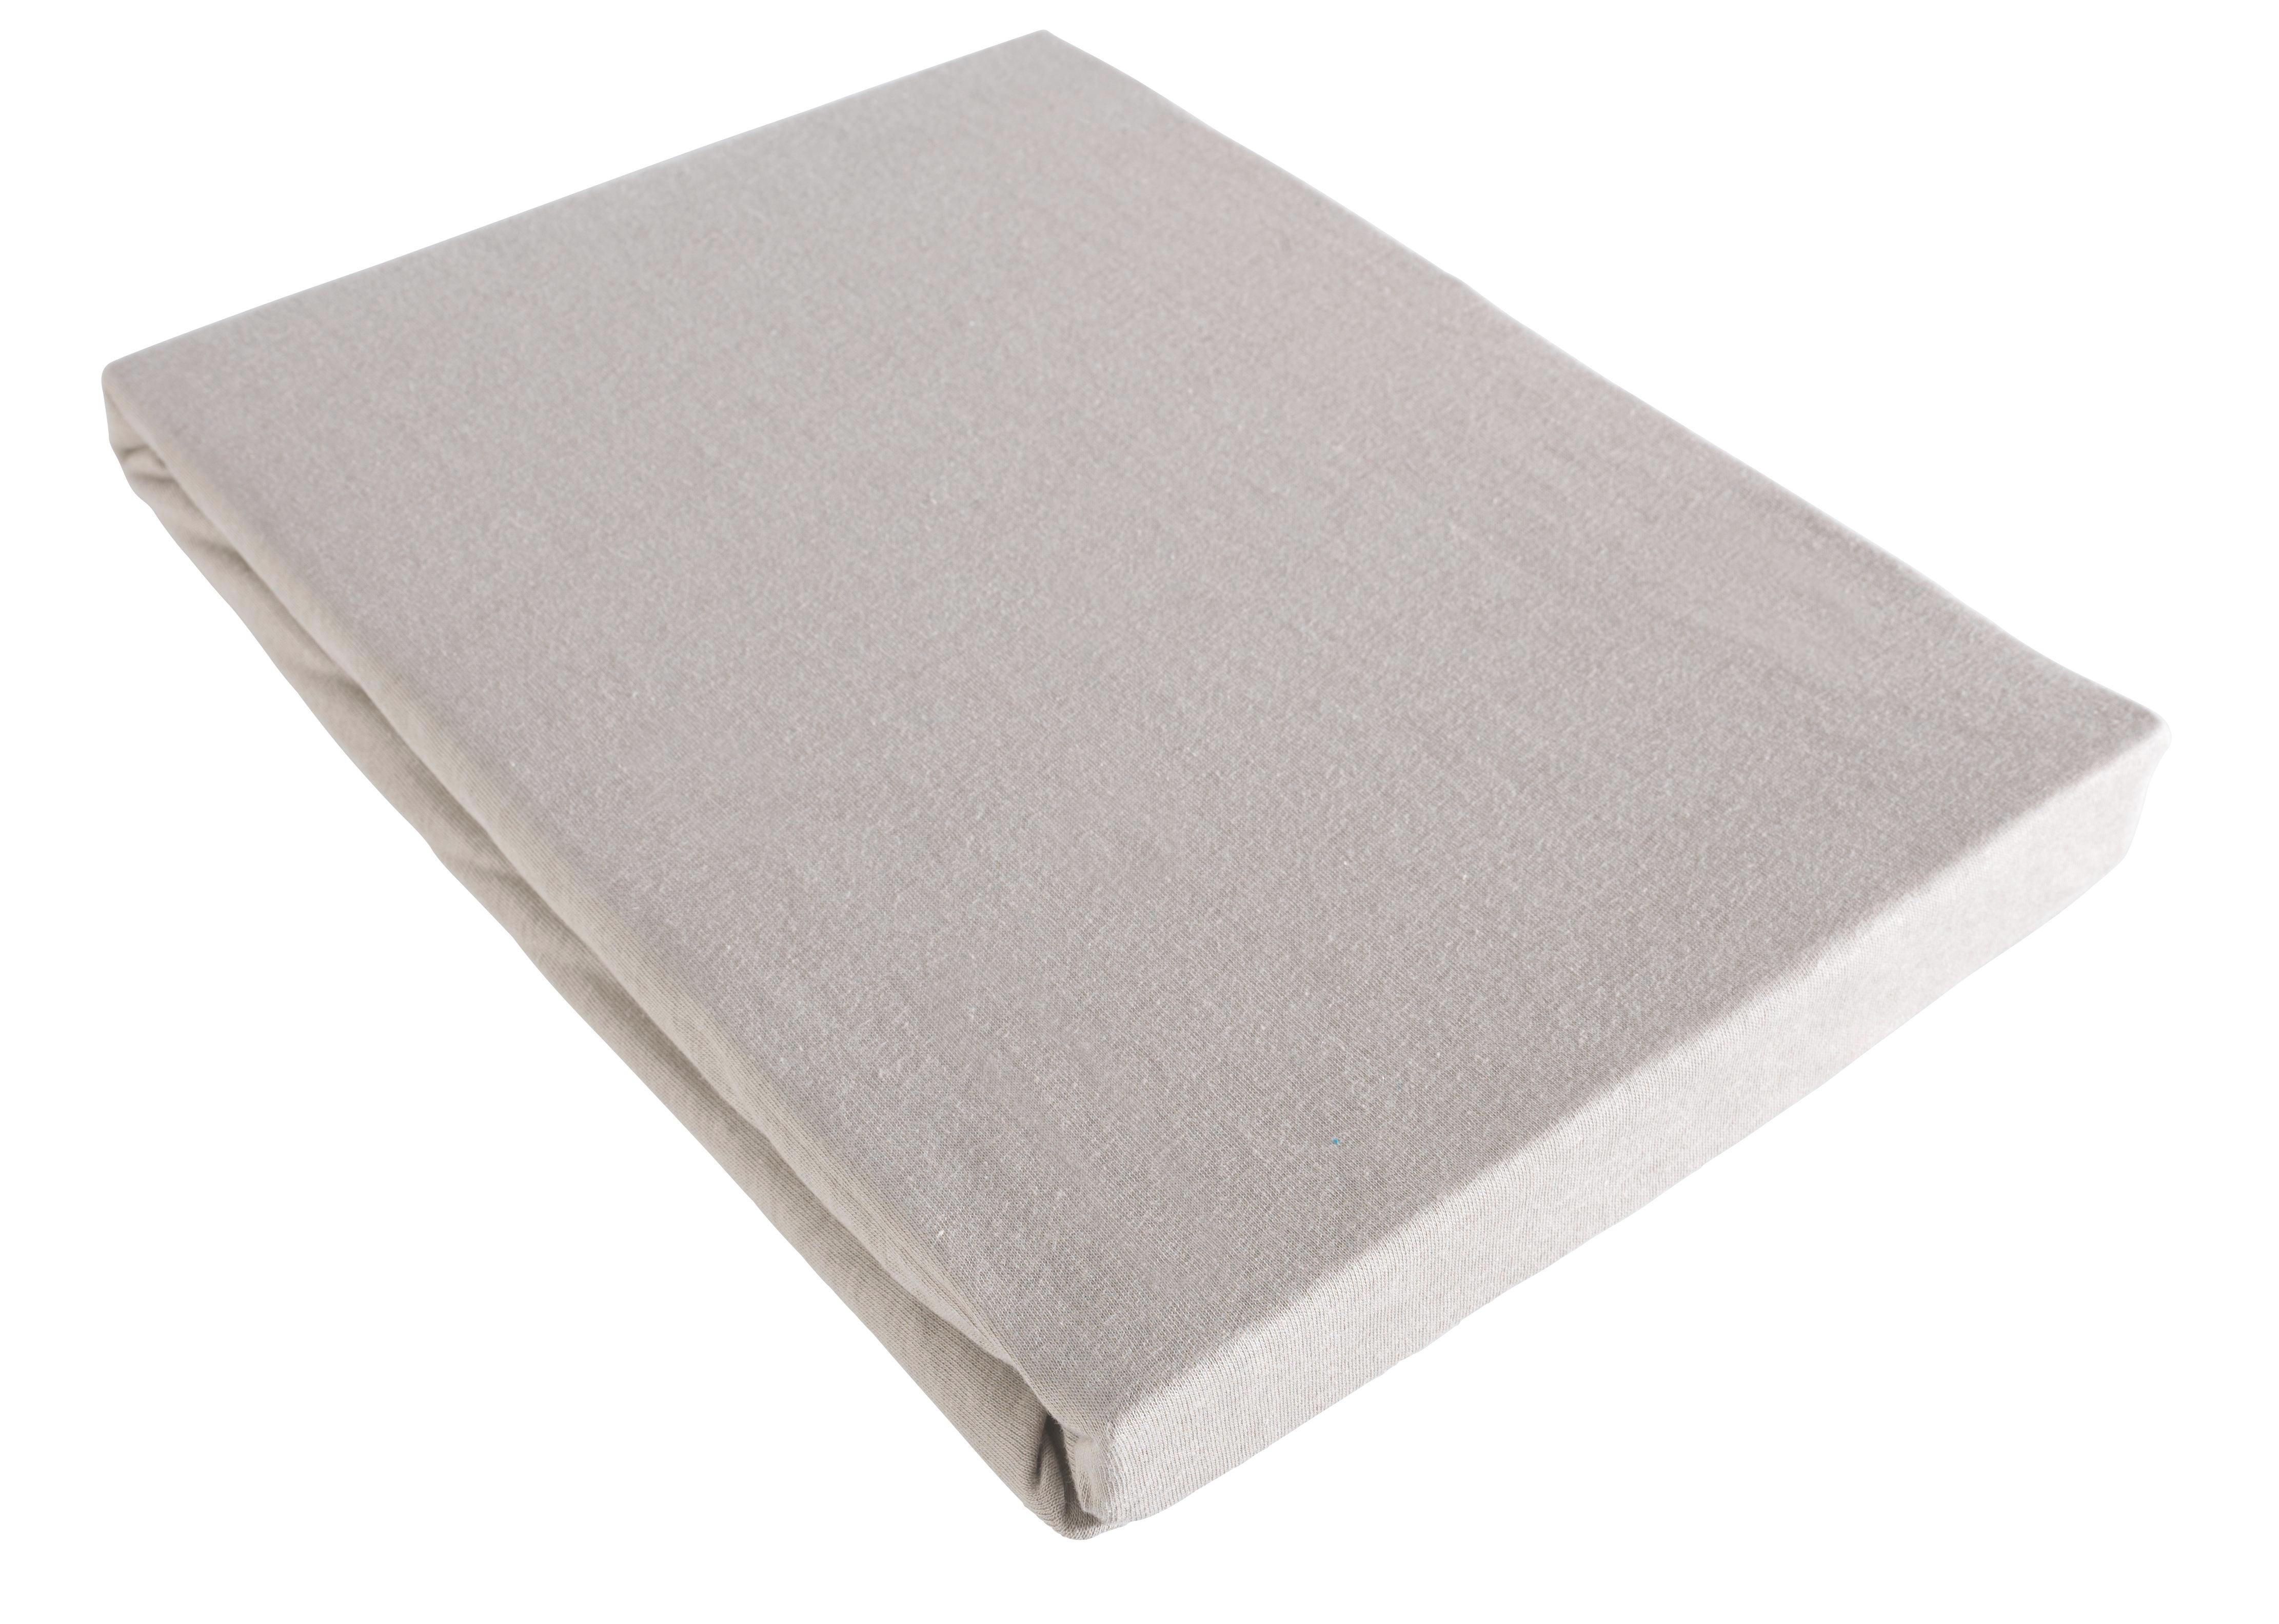 Spannbetttuch Basic in Grau, ca. 100x200cm - Grau, Textil (100/200cm) - MÖMAX modern living